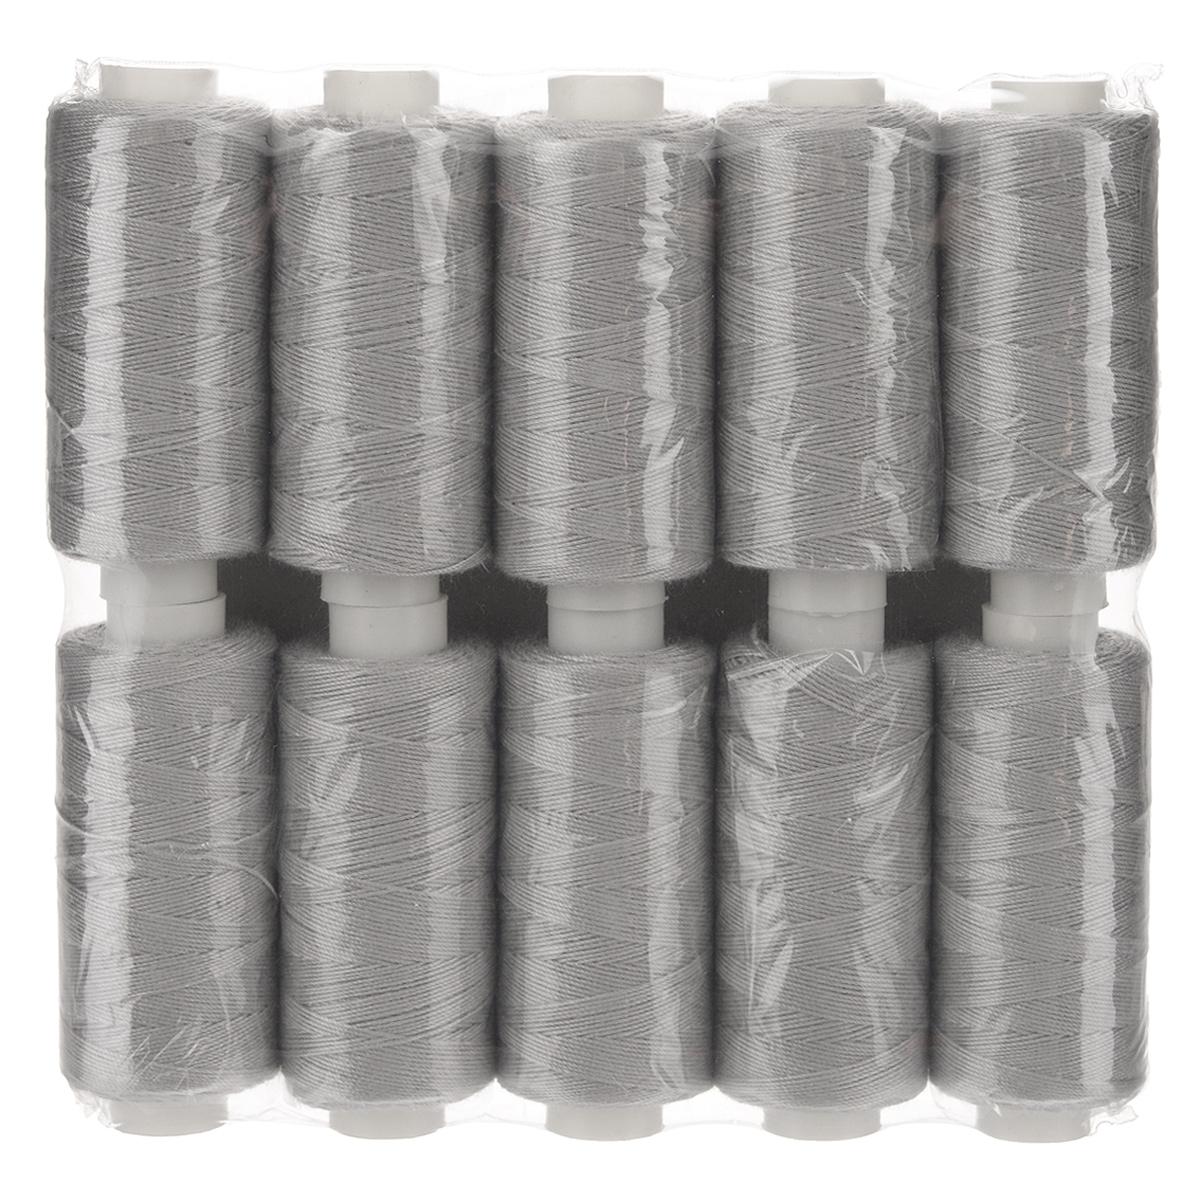 Набор ниток 20/3, цвет: серый, 120 м, 10 бобин. 675491_А726675491Набор ниток состоит из 10 бобин с нитками серого цвета. Универсальная швейная нить изготовлена из 100% полиэстера. Рекомендуется для бытовых и швейных машин и рукоделия. Нить используется для швов повышенной прочности, декоративных швов, в пошиве сумок, спецодежды, галантереи и многого другого.